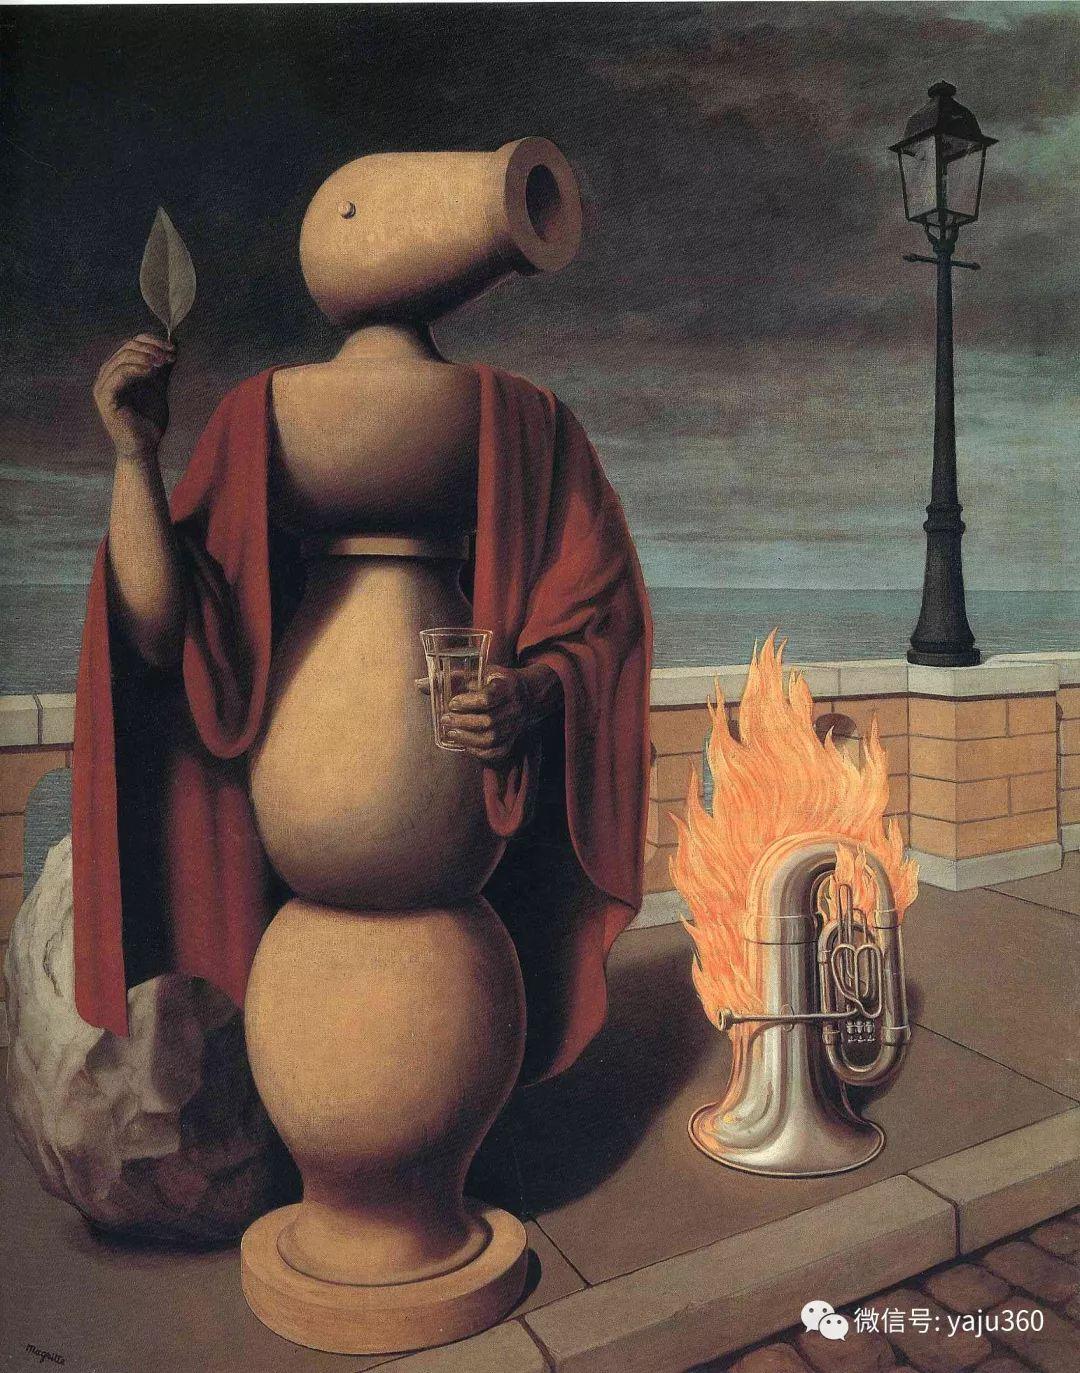 超现实主义 比利时画家Rene Magritte插图19